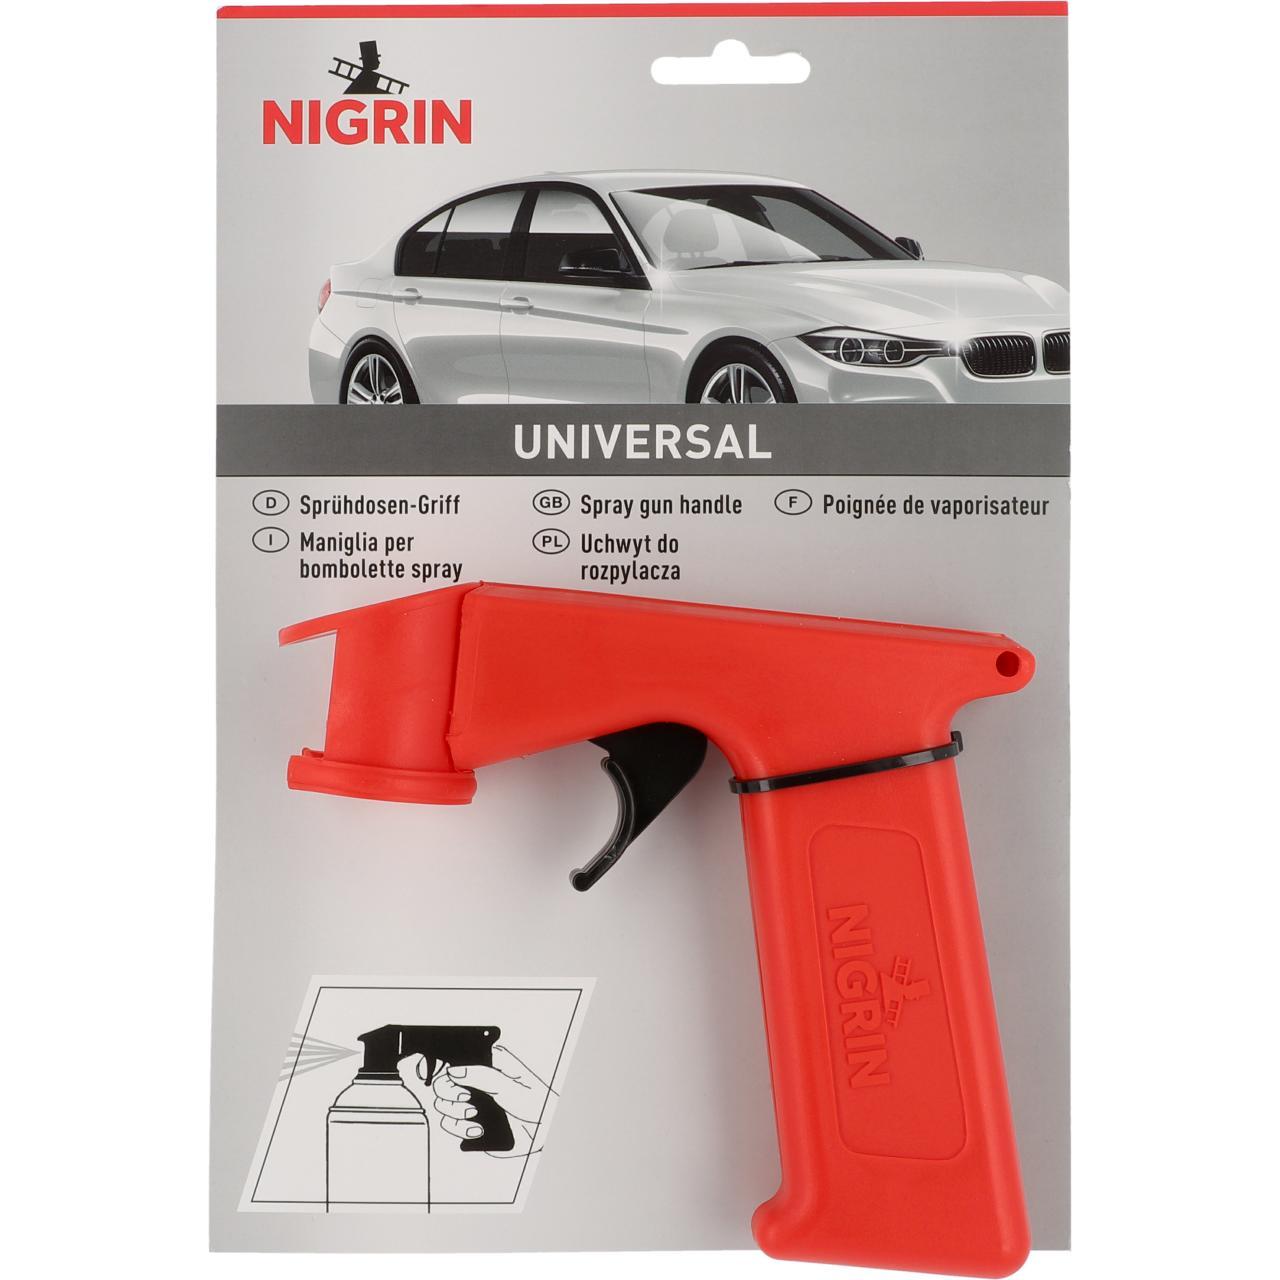 Nigrin 74111 Sprühdosen Handgriff Universal Auto